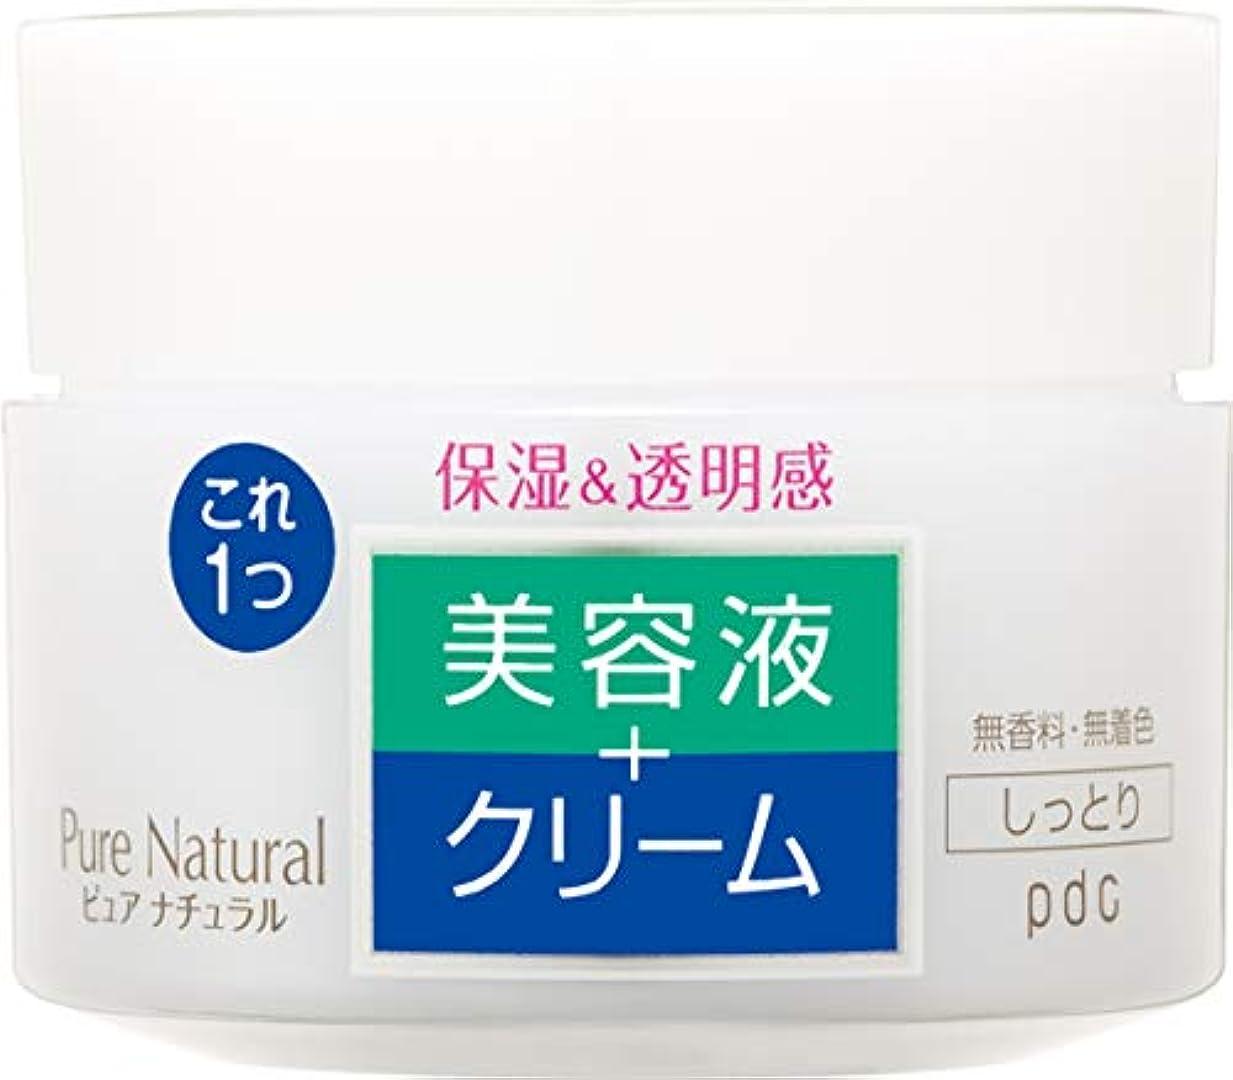 教育学火メンターPure NATURAL(ピュアナチュラル) クリームエッセンス モイスト 100g